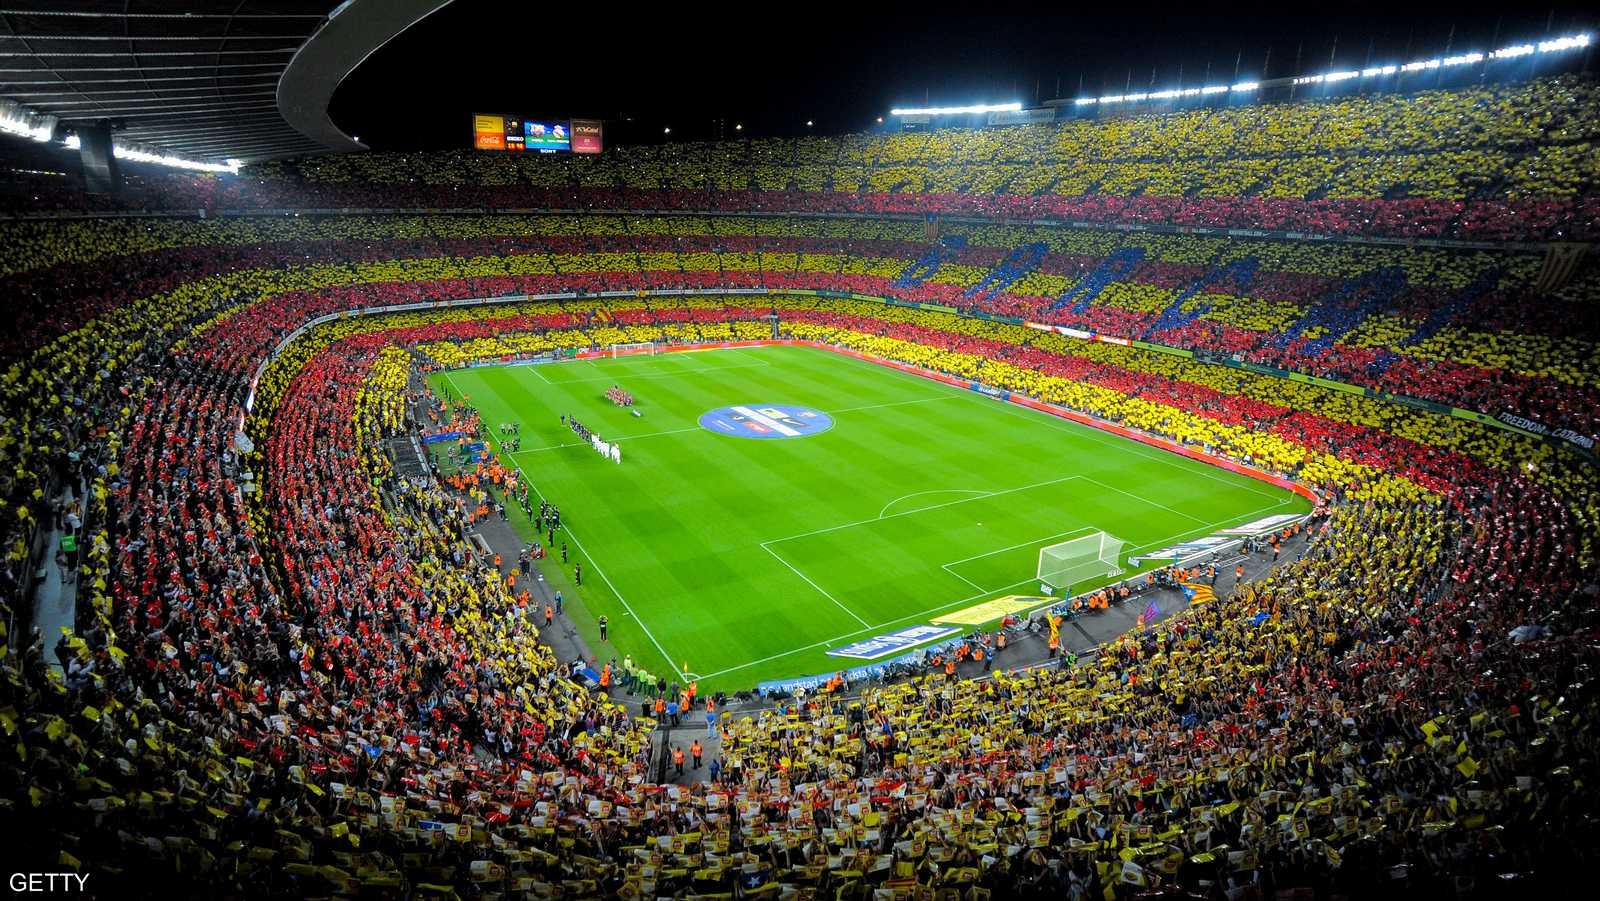 ملعب برشلونة بألوان علم كتالونيا